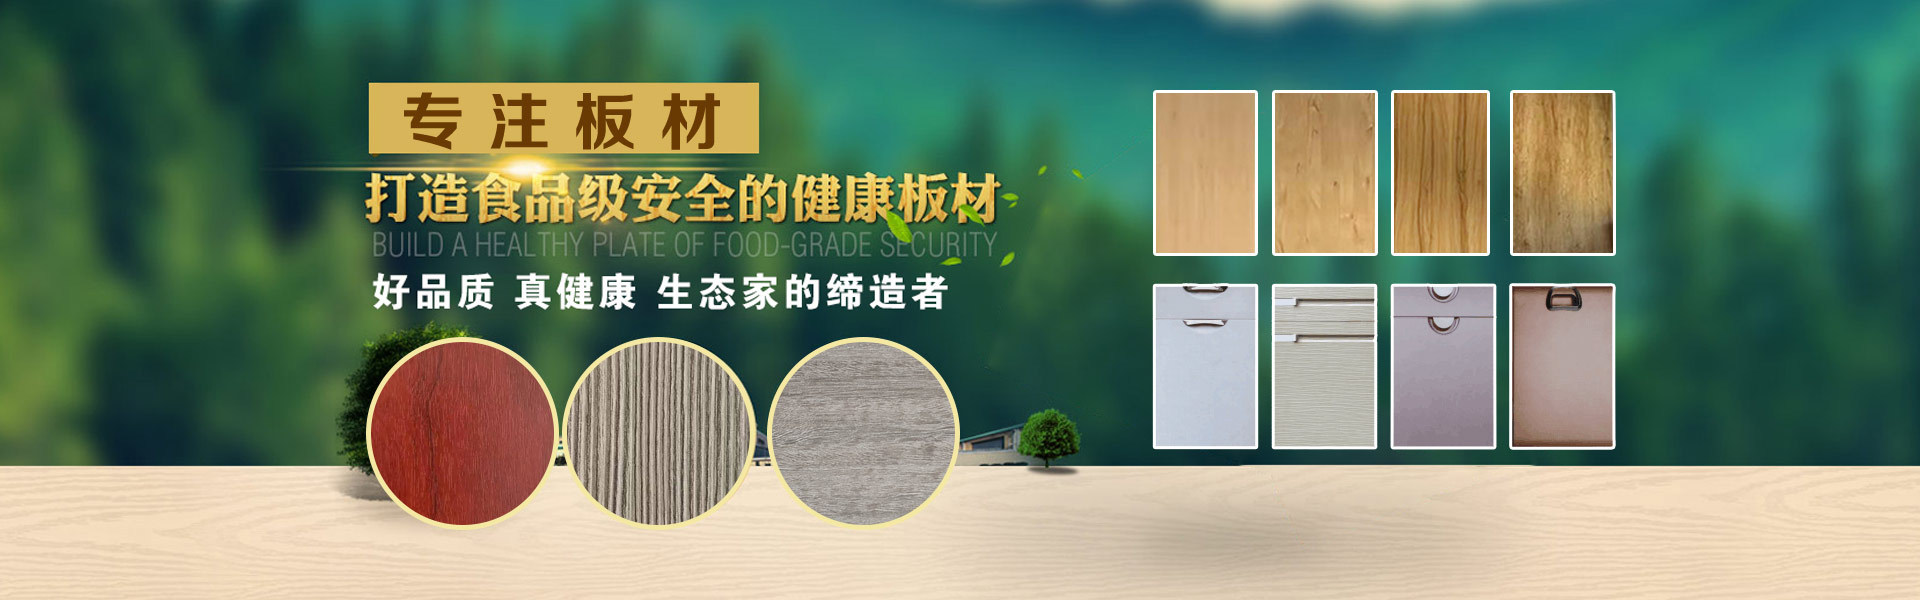 寧夏櫓麗木業,寧夏櫓麗木業廠家,寧夏櫓麗木業公司